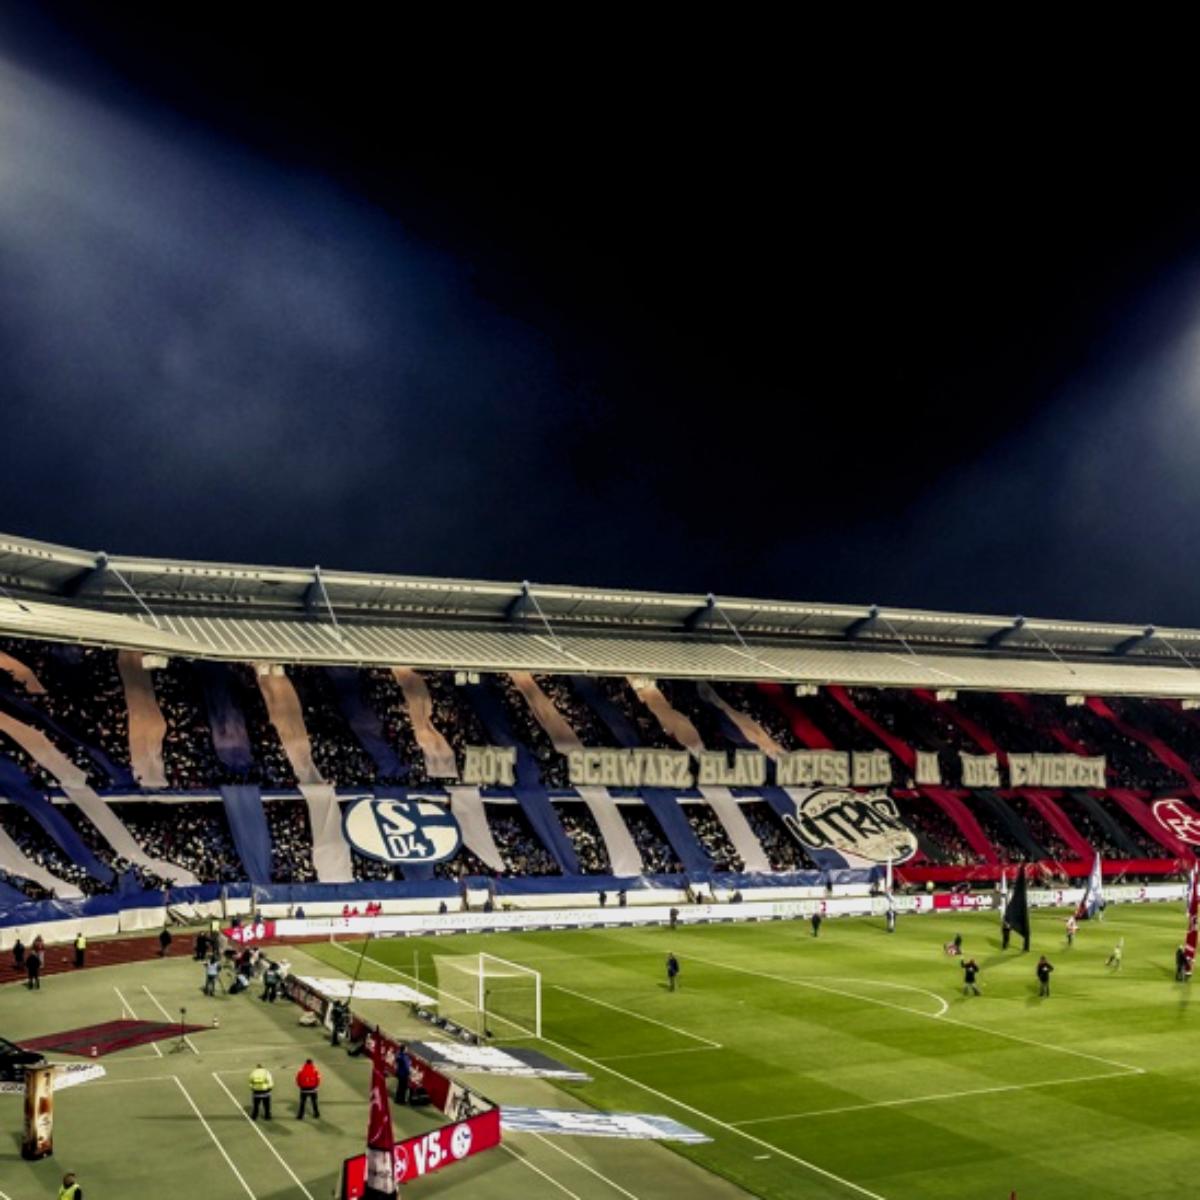 Zuschauerzahlen und Auswärtsfahrer: 29. Spieltag (1./2. Liga), 33. Spieltag (3. Liga)